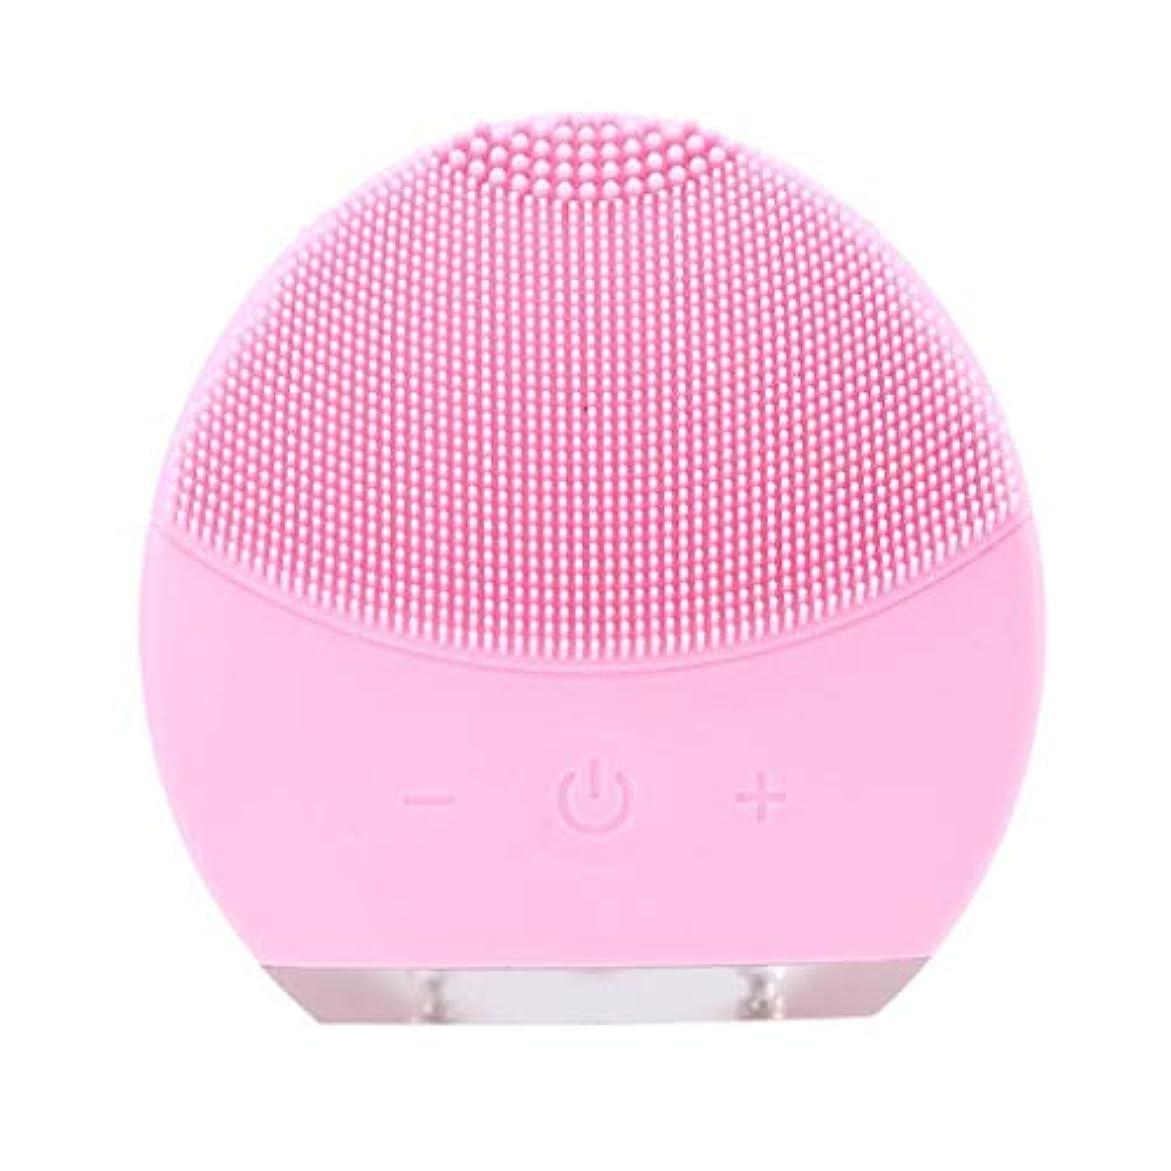 神社ワンダー招待超音波振動美容機器洗浄器、皮膚の毛穴を最小限に抑えるマイクロダーマブレーション毛穴、USB 充電と防水,Pink